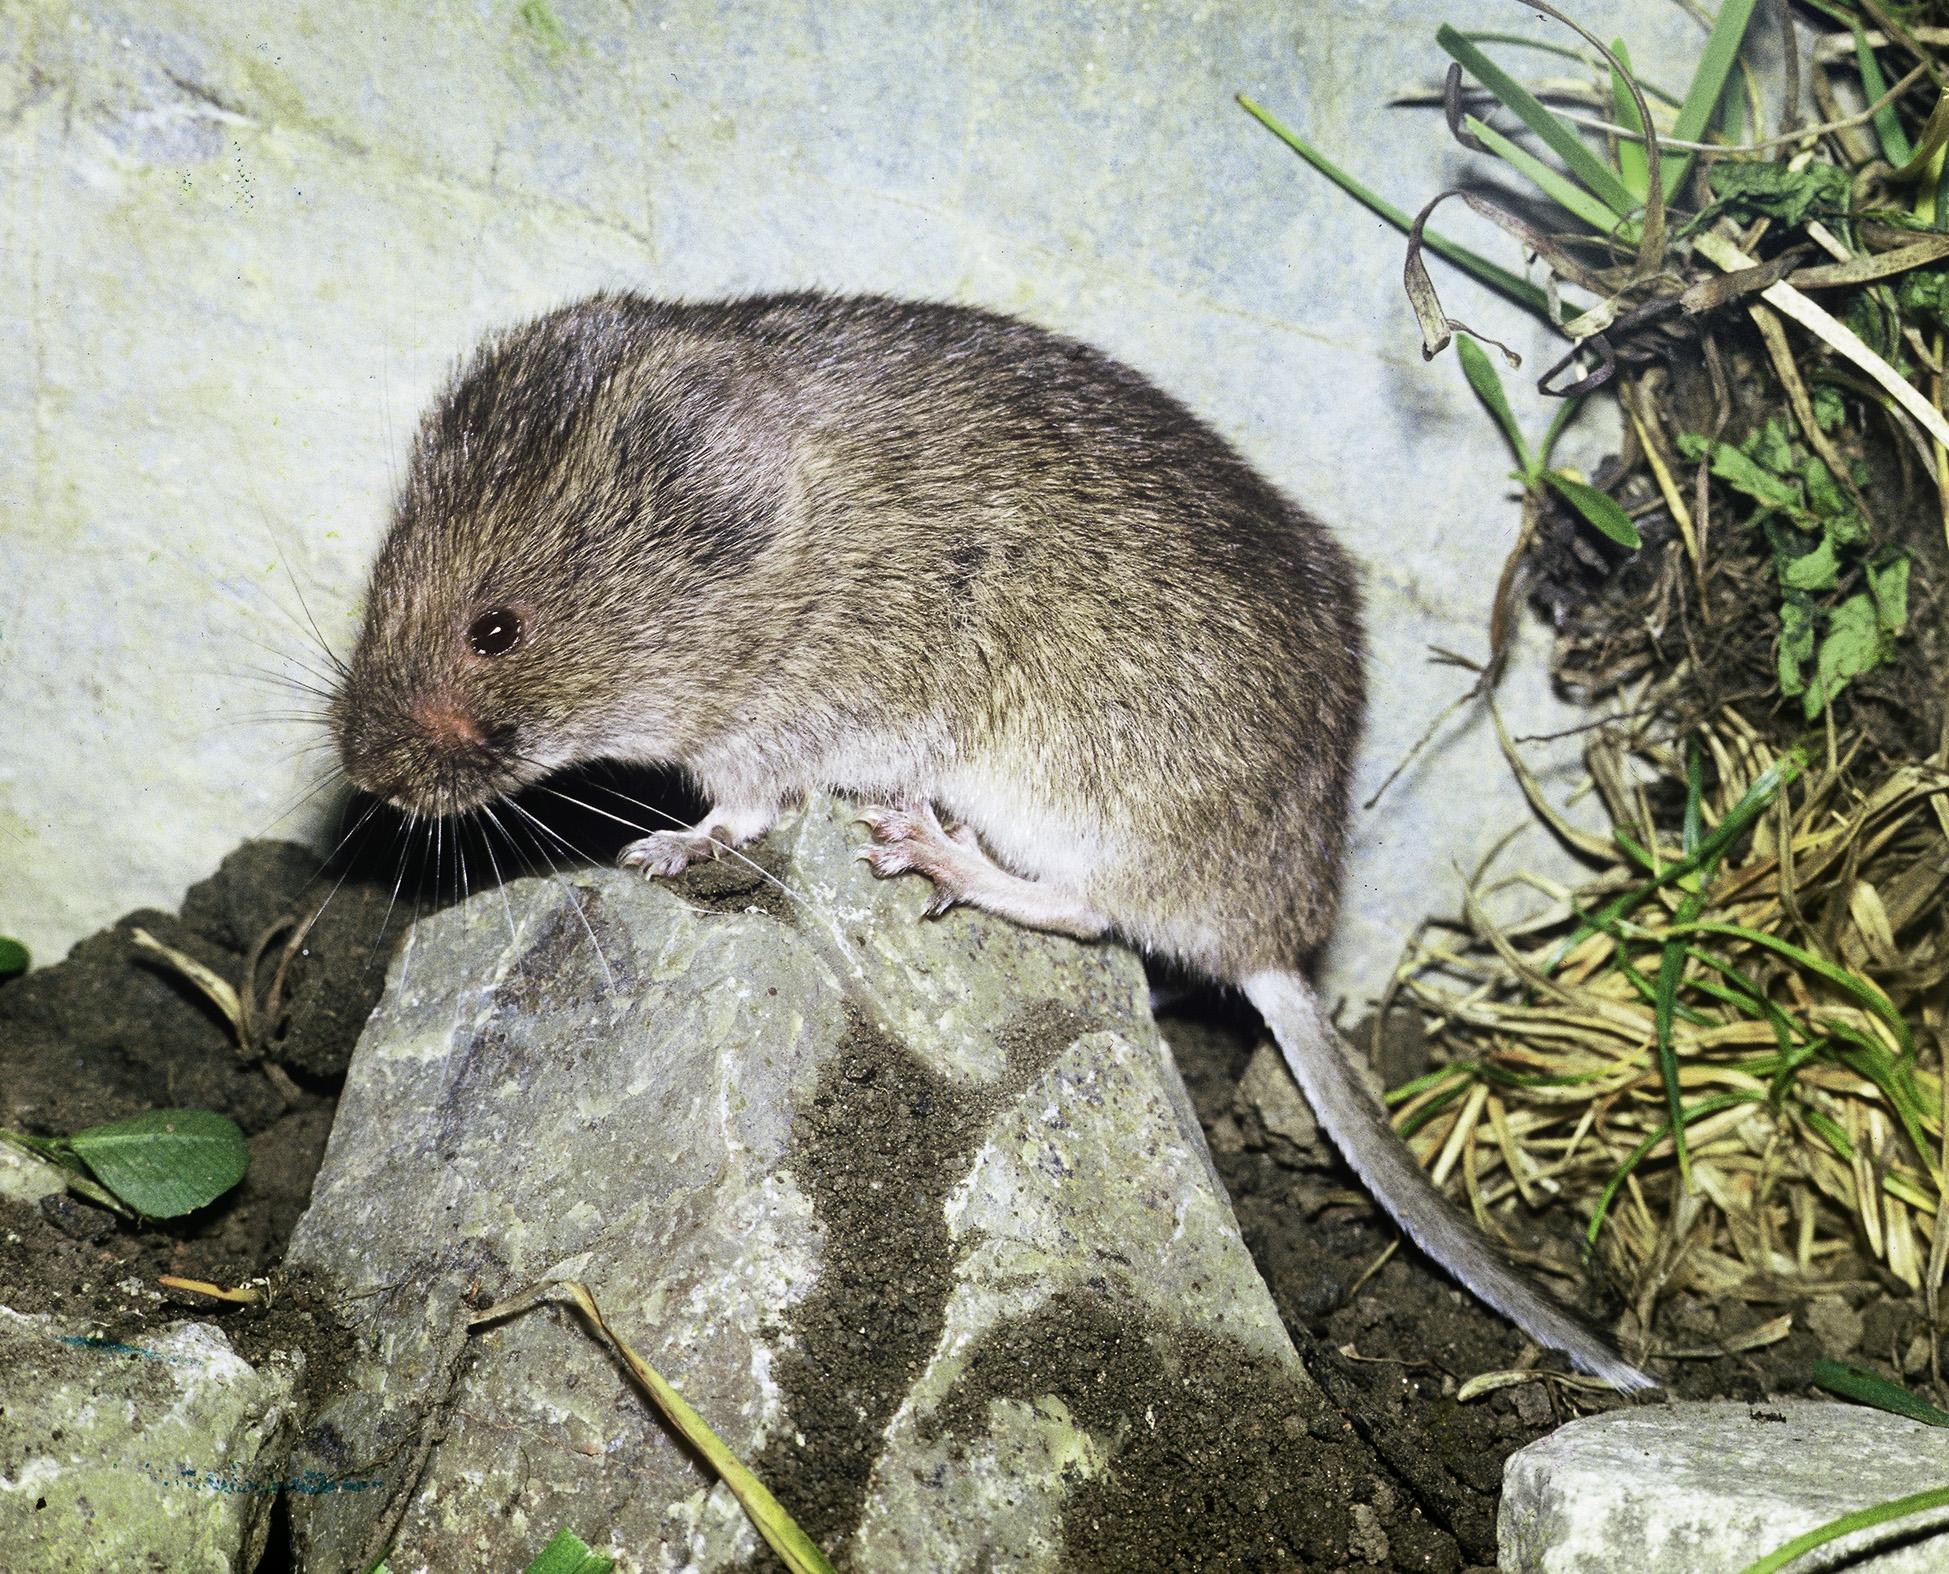 Nur eine Maus! Das verborgene Leben der kleinen Säugetiere